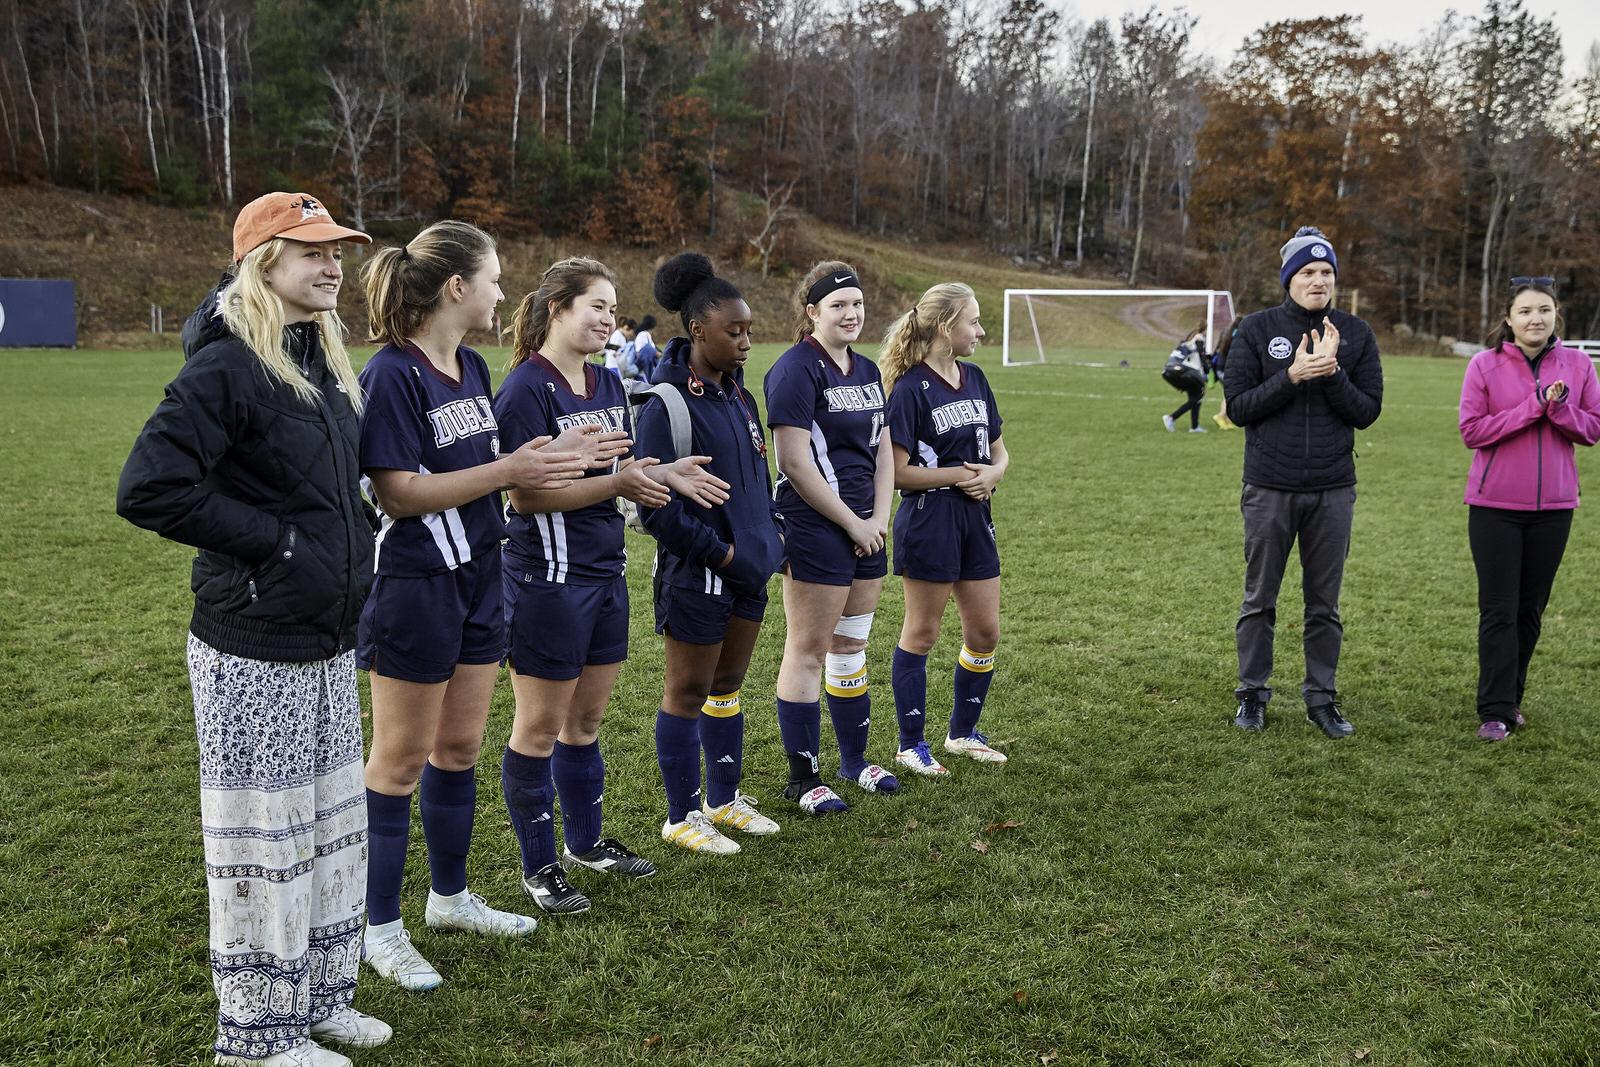 Girls Varsity Soccer vs. White Mountain School - November 7, 2018 - Nov 07 2018 - 0050.jpg